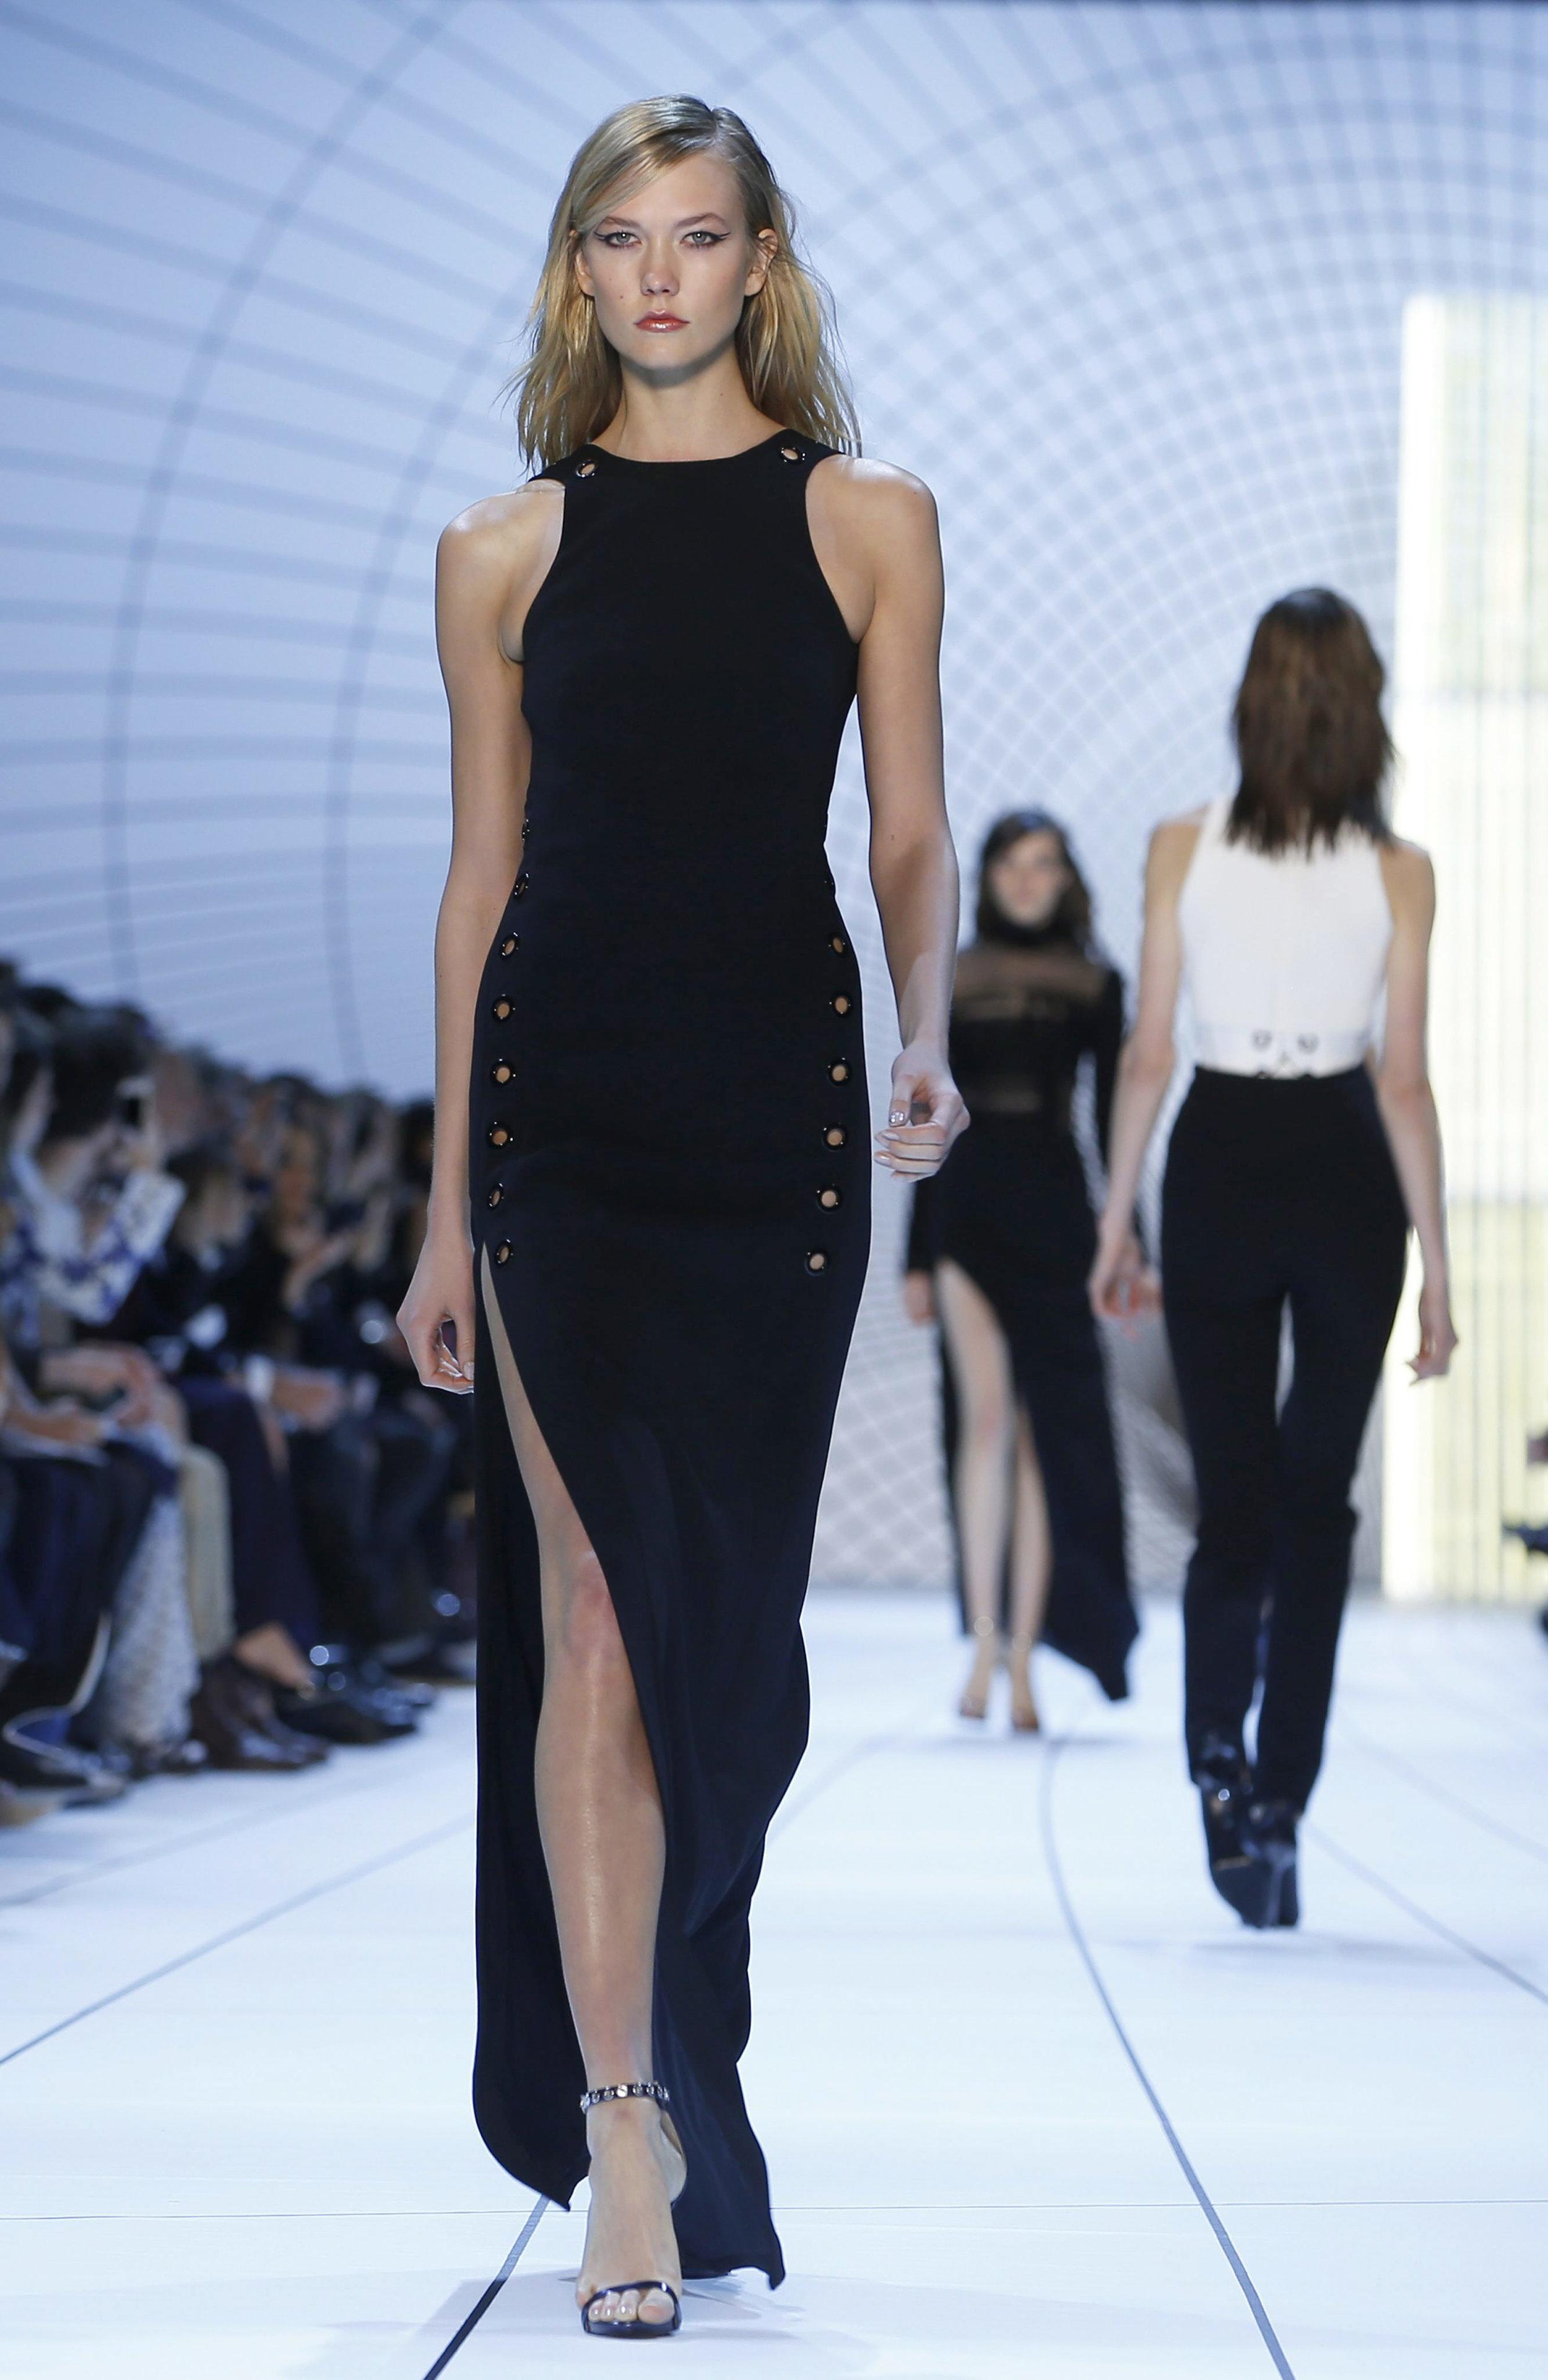 La modelo estadounidense Karlie Kloss presenta una creación de la colección Otoño/Invierno 2015/16 del diseñador de origen georgiano David Koma para la casa de moda Mugler durante la Semana de la Moda de París, en París, Francia, el 7 de marzo de 2015. EFE/EPA/IAN LANGSDON